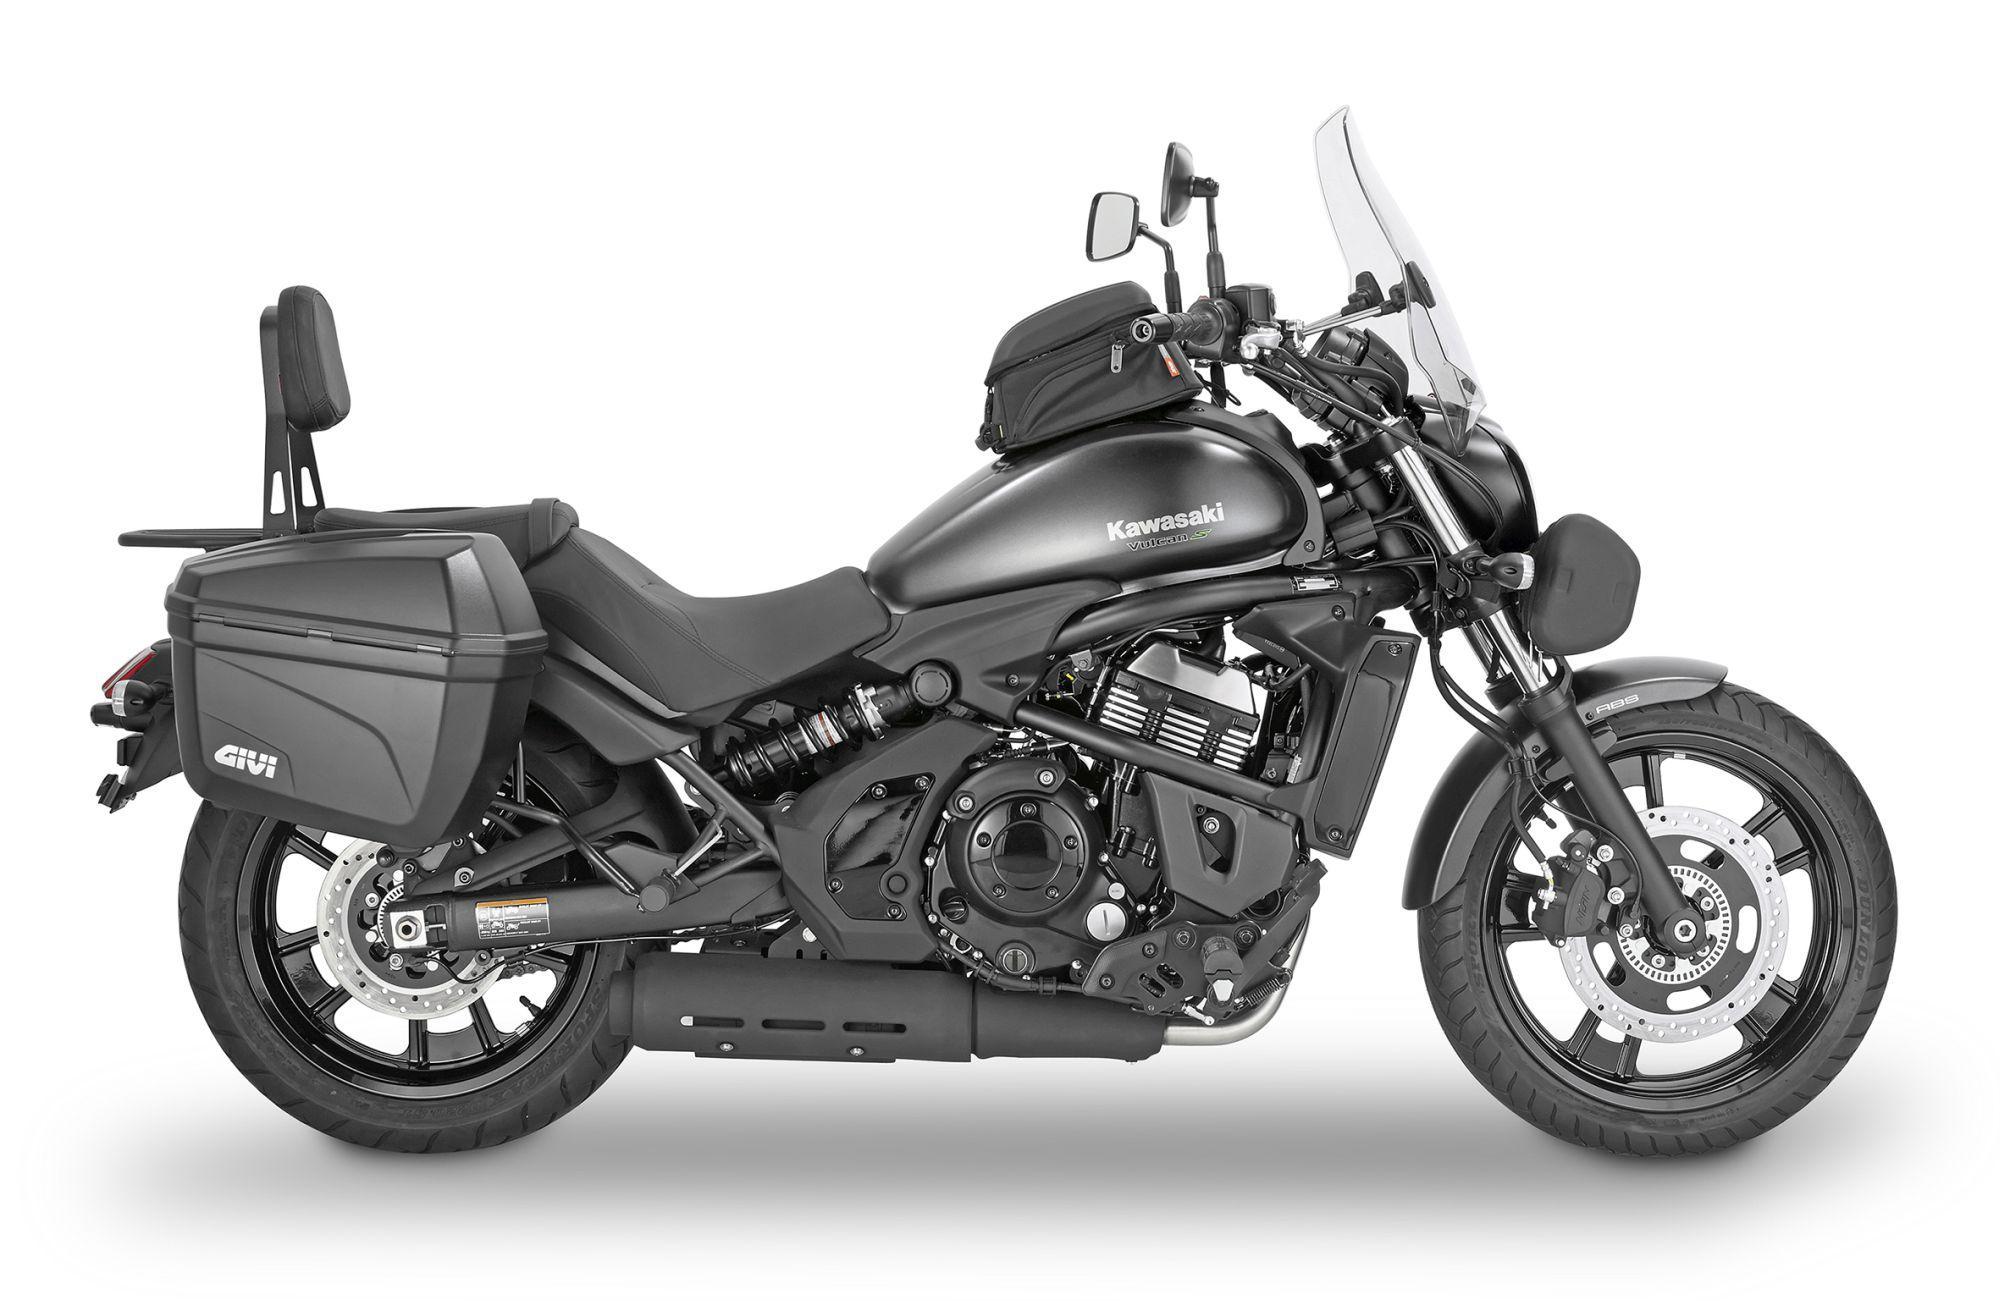 givi zubeh r f r kawasaki vulcan s 650 motorrad fotos motorrad bilder. Black Bedroom Furniture Sets. Home Design Ideas